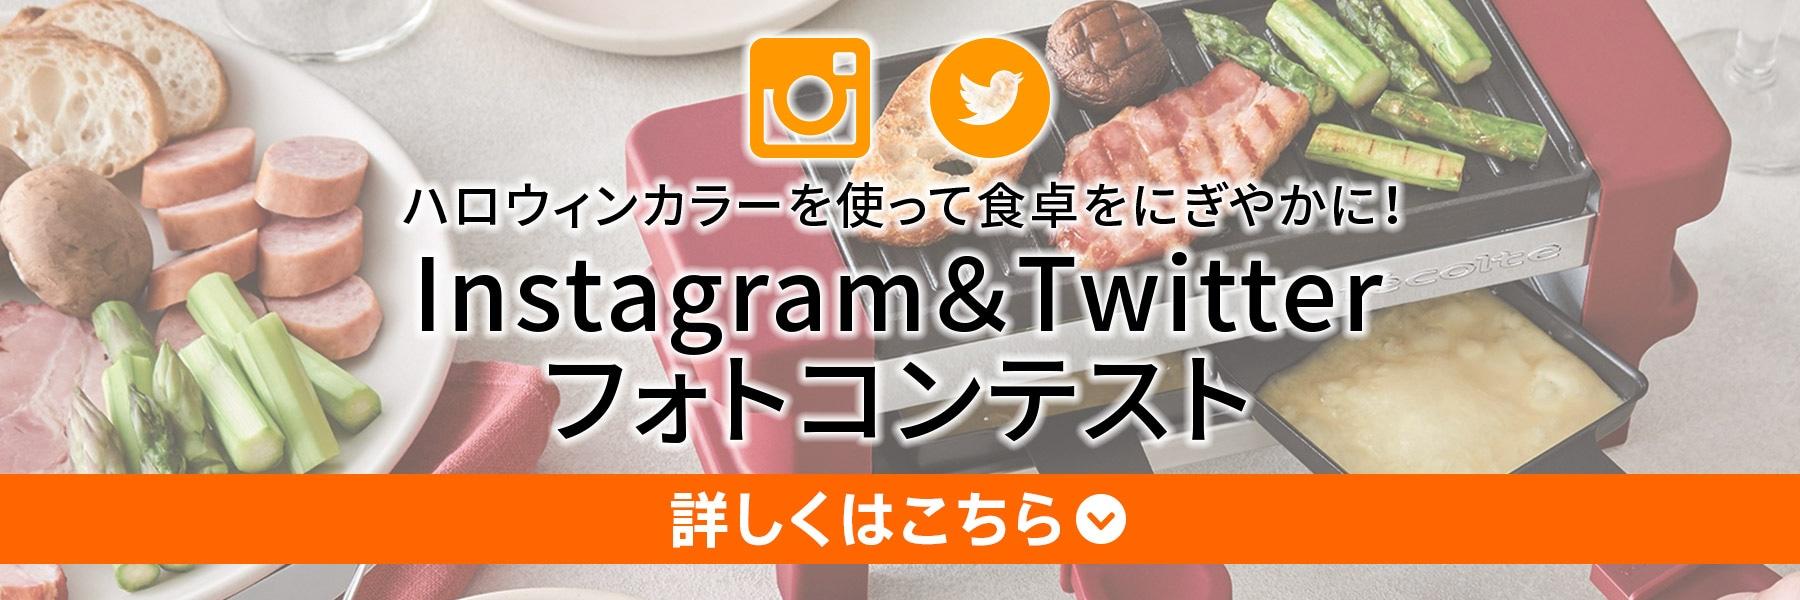 ハロウィンカラーを使って食卓をにぎやかに!Instagram&Twitterフォトコンテスト / 詳しくはこちら